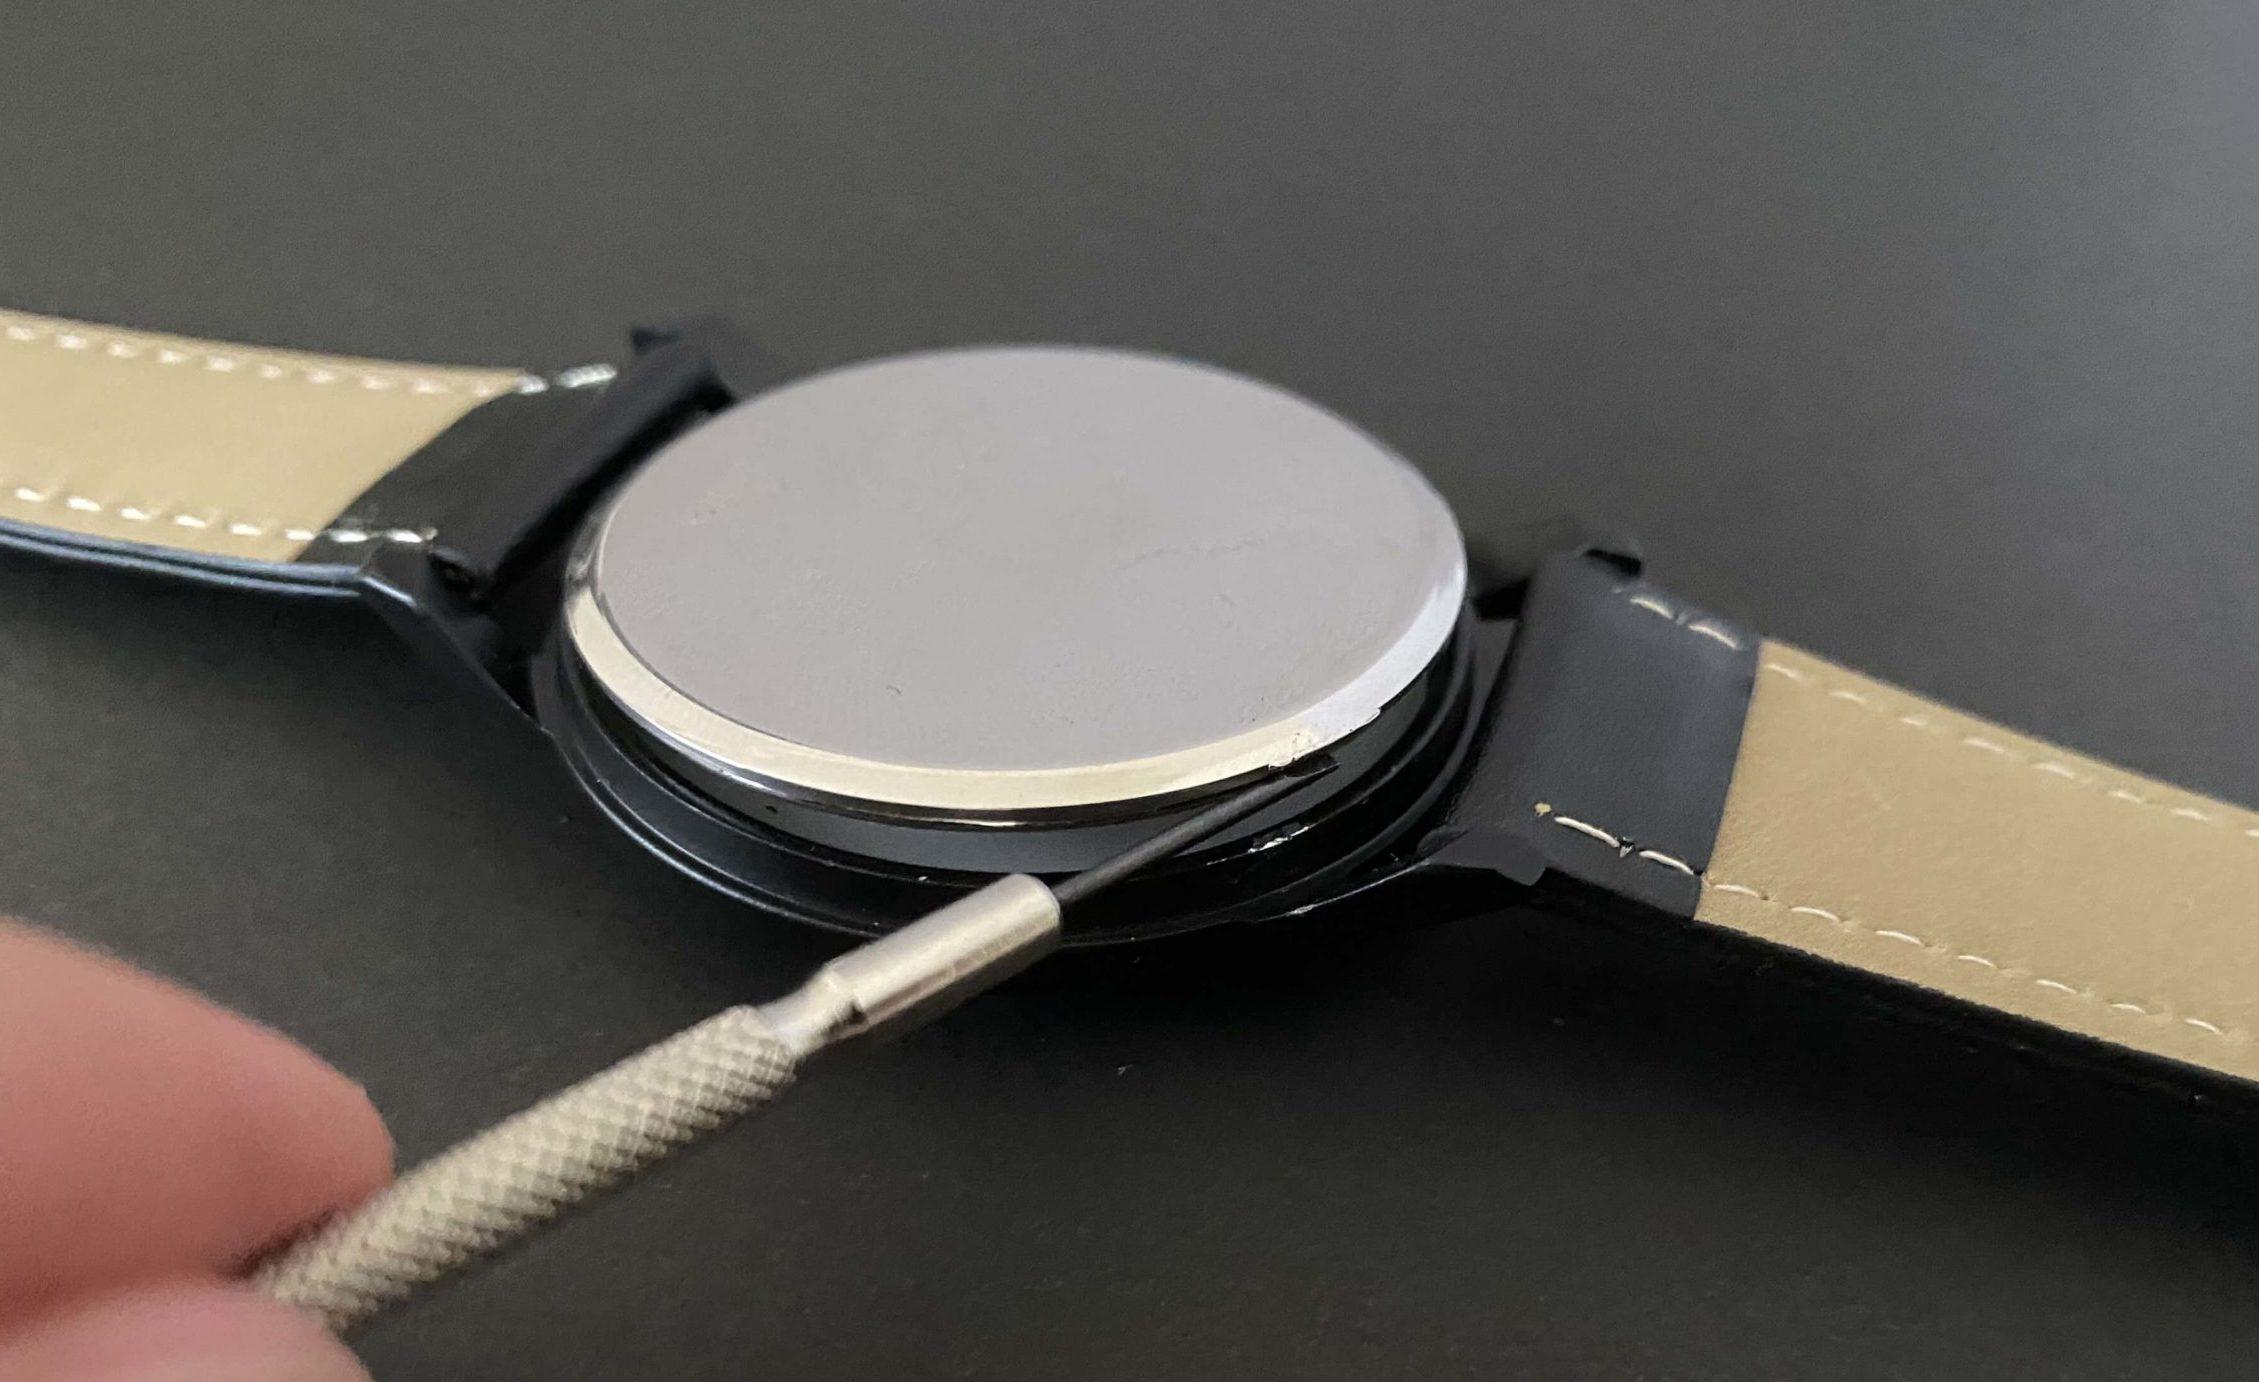 ダイソー腕時計のSR626SWの電池交換で裏ぶたを開けた状態